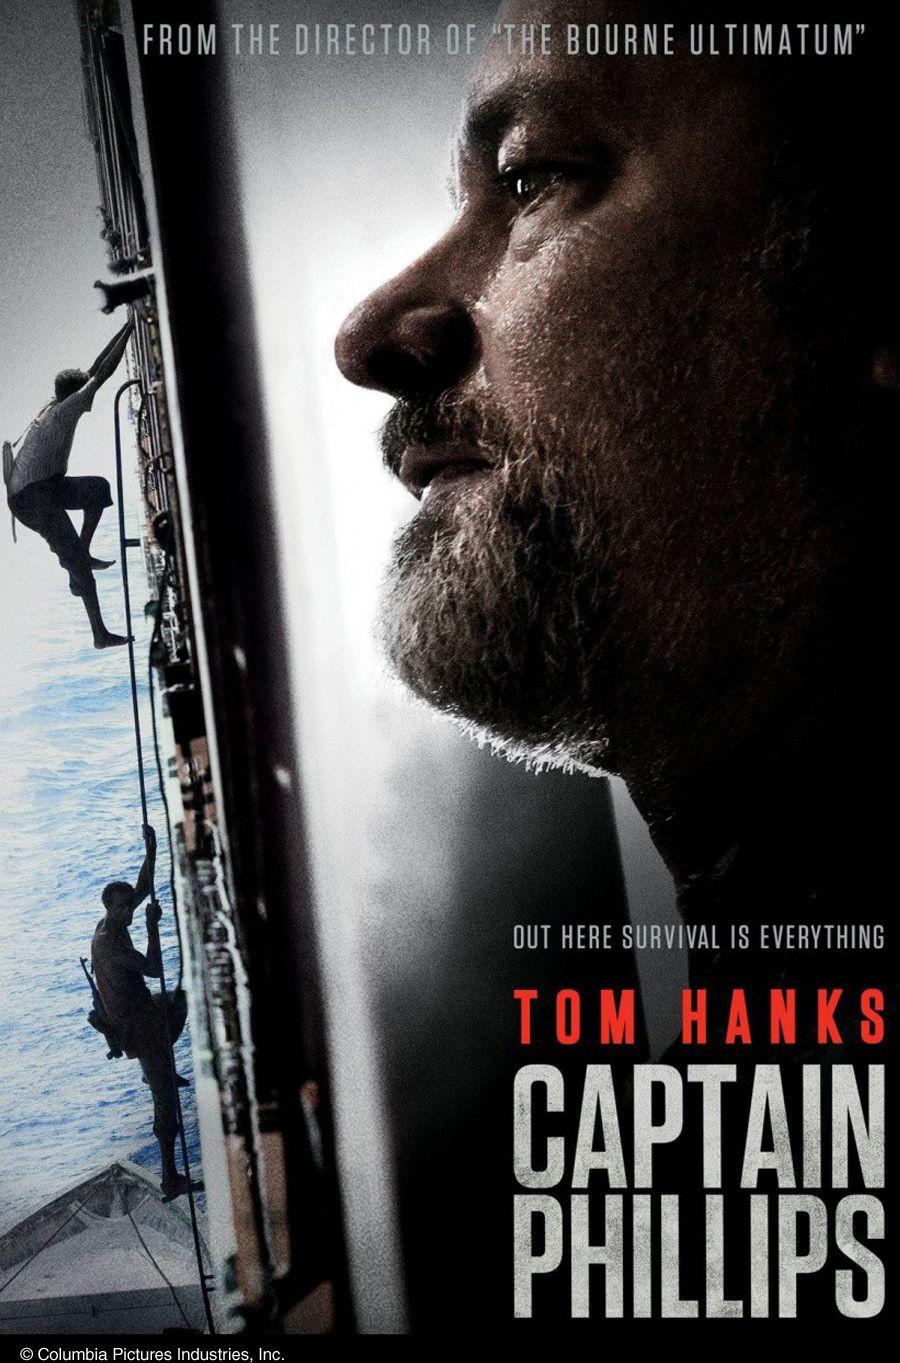 """Captain Phillips   Eine Kritik zum Kino-Film   Filmrezension   """"Nähe zu den Figuren kann nicht allein nur mit Close-Ups auf großartige Schauspieler gelöst werden. Da muss auch mehr inhaltliche Nähe rein."""" #film #rezension #magazin #kultur #captainphillips #tomhanks"""